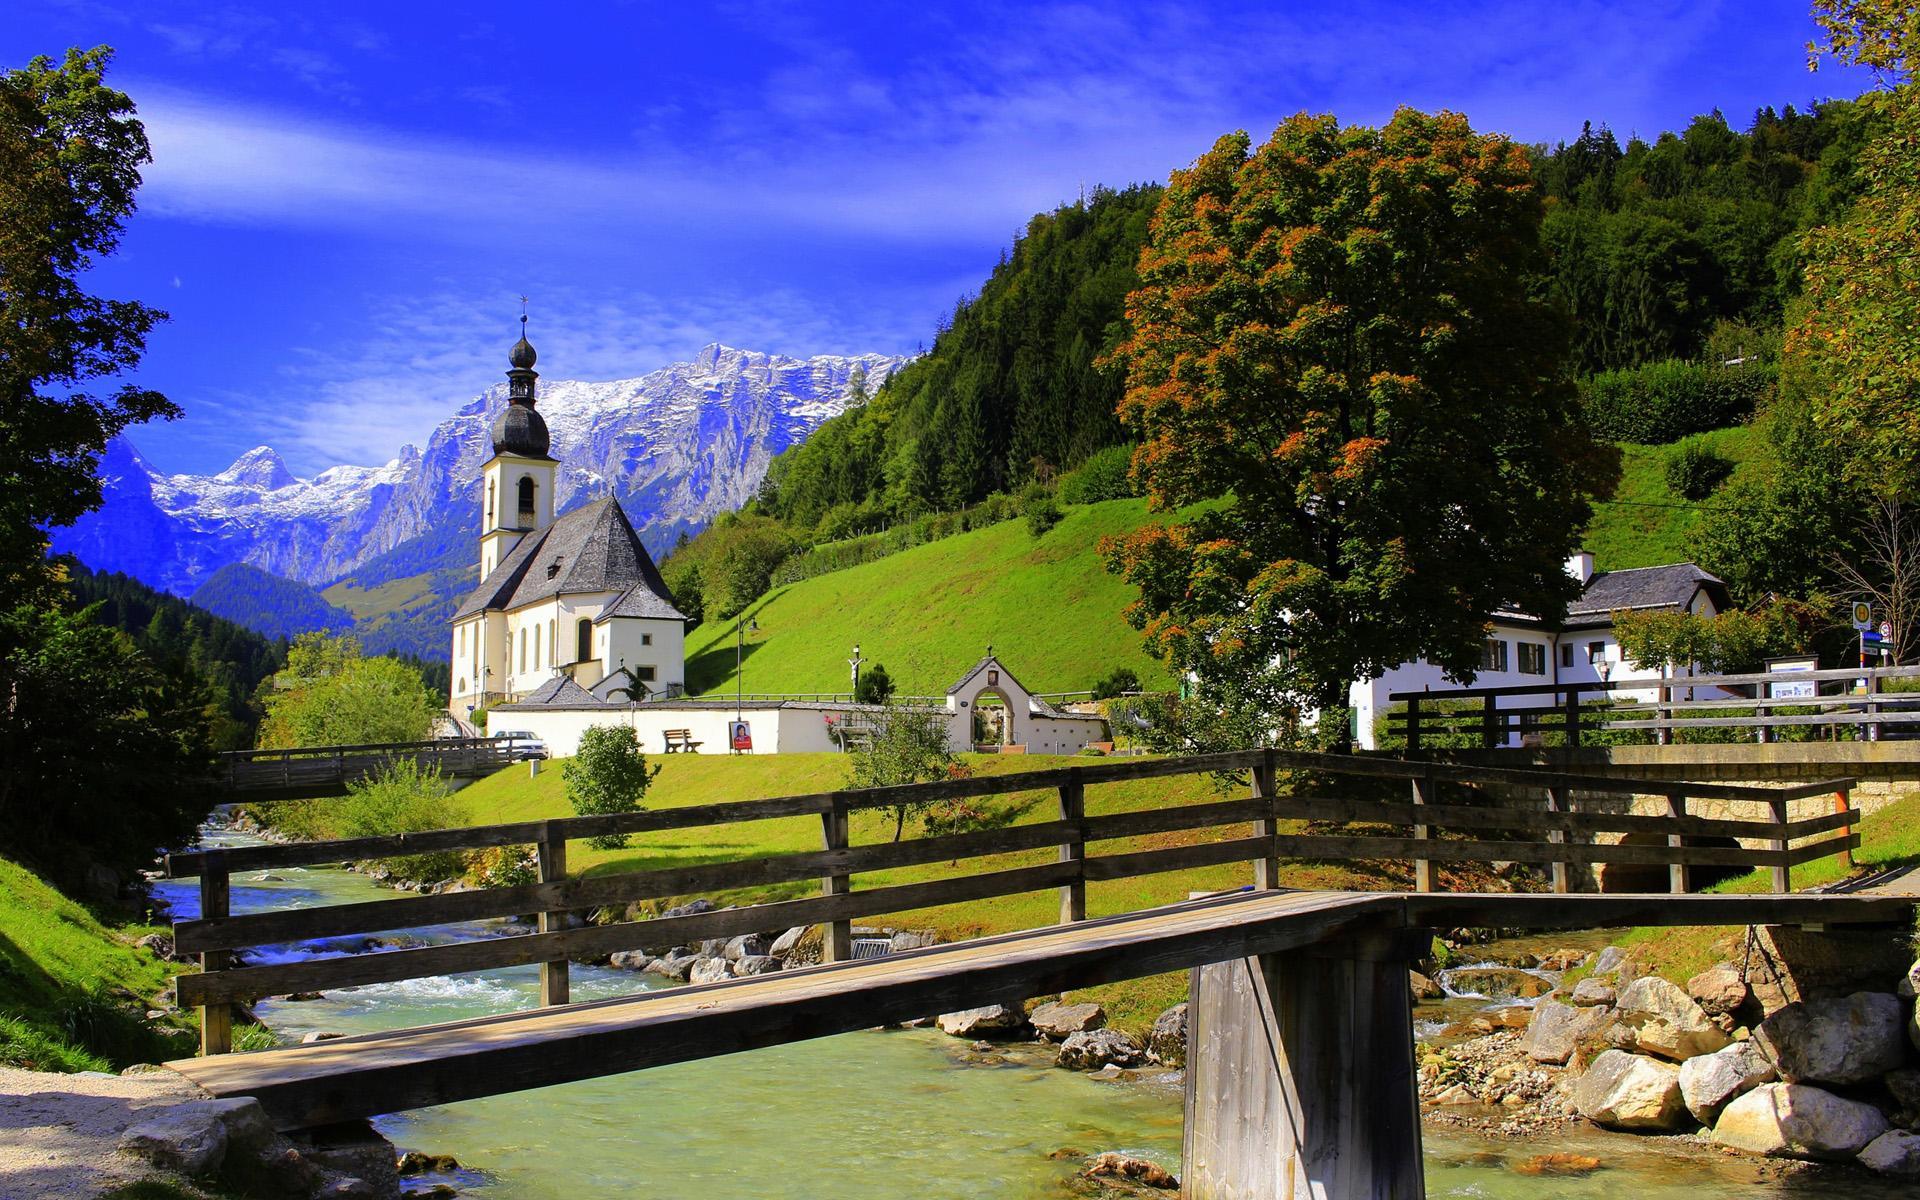 欧洲小镇唯美风景图片桌面壁纸